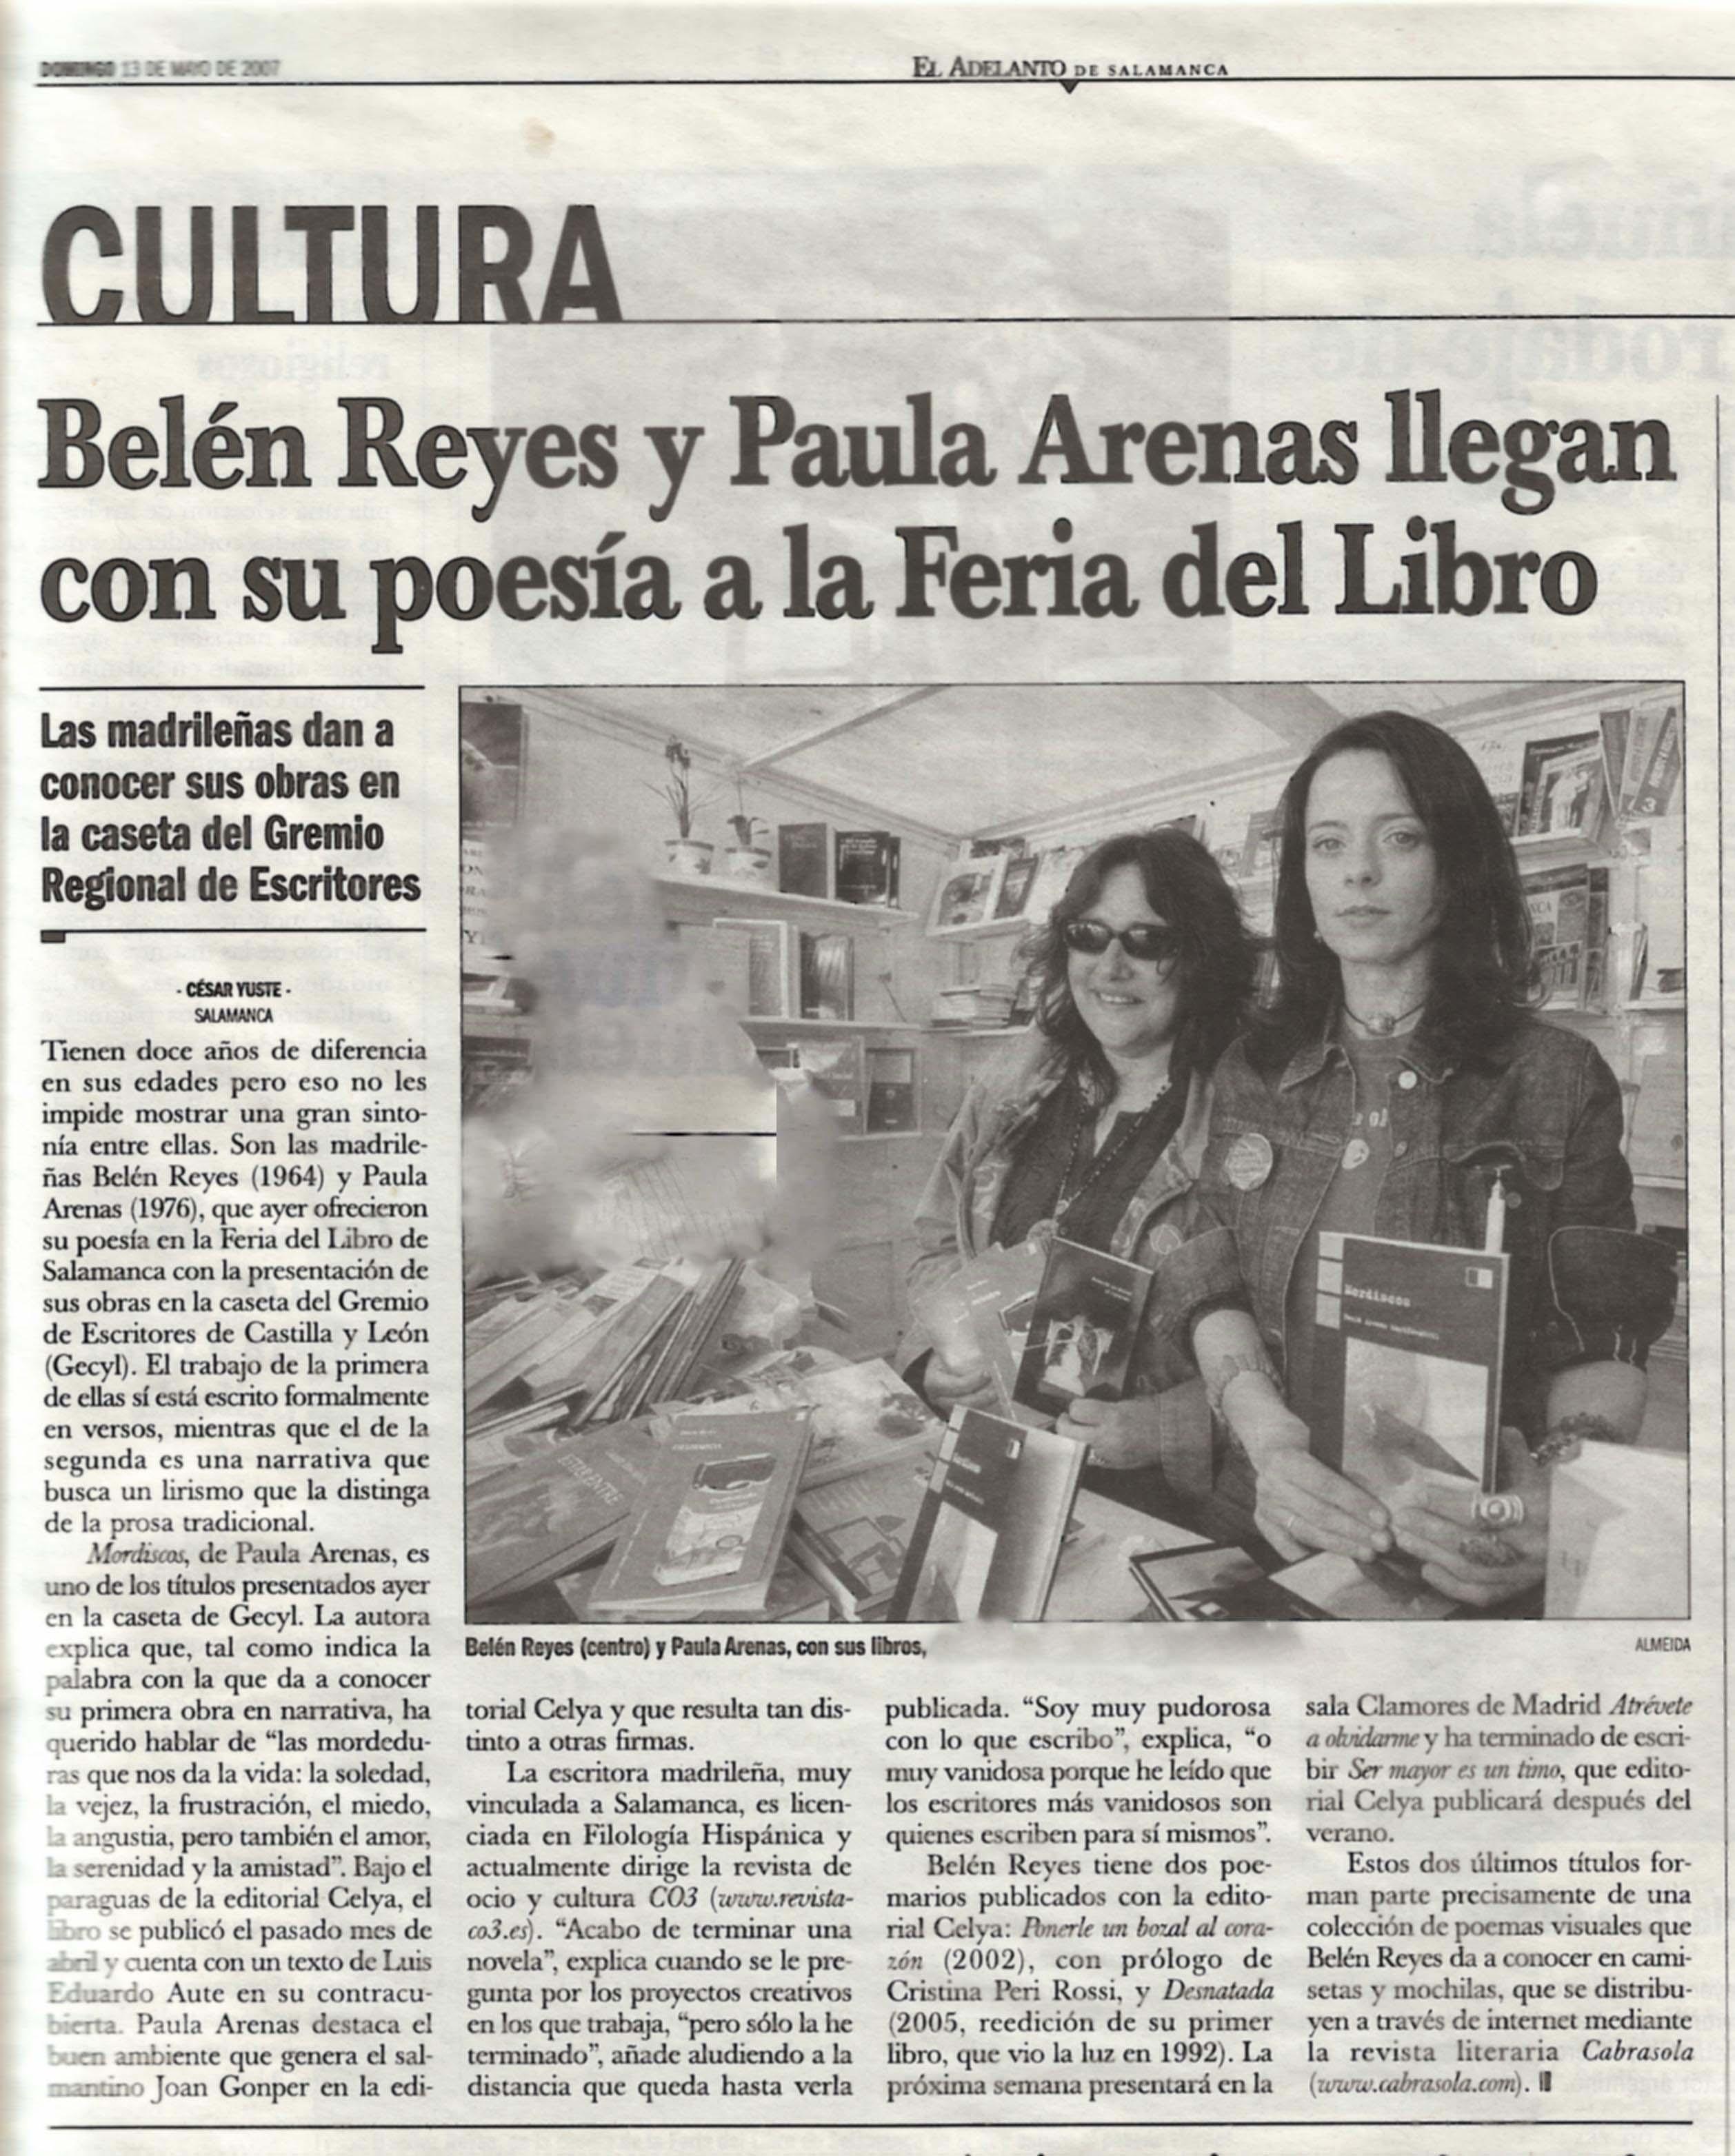 EL ADELANTO DE SALAMANCA: Belén Reyes y Paula Arenas en la Feria del Libro de Salamanca.